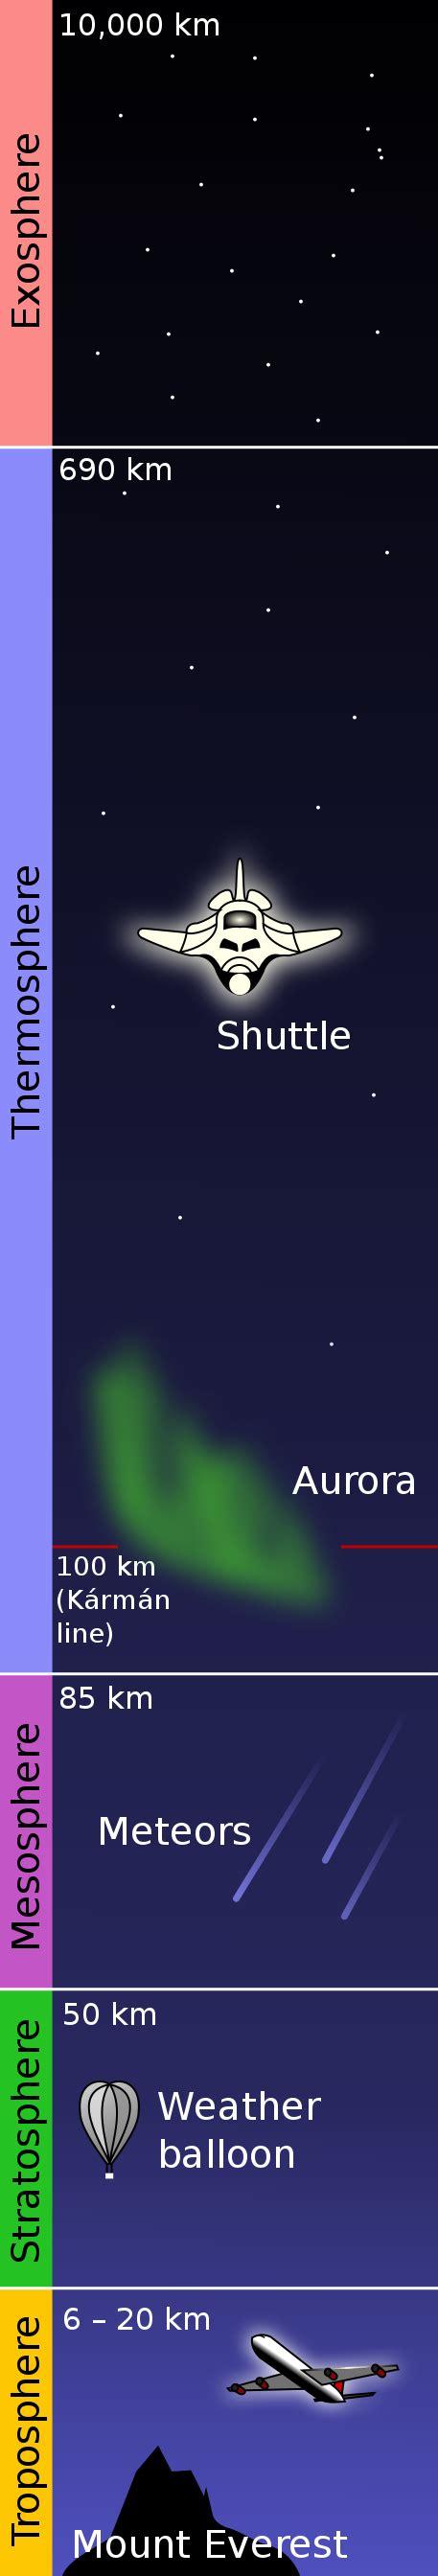 Armosphere L file atmosphere layers en svg